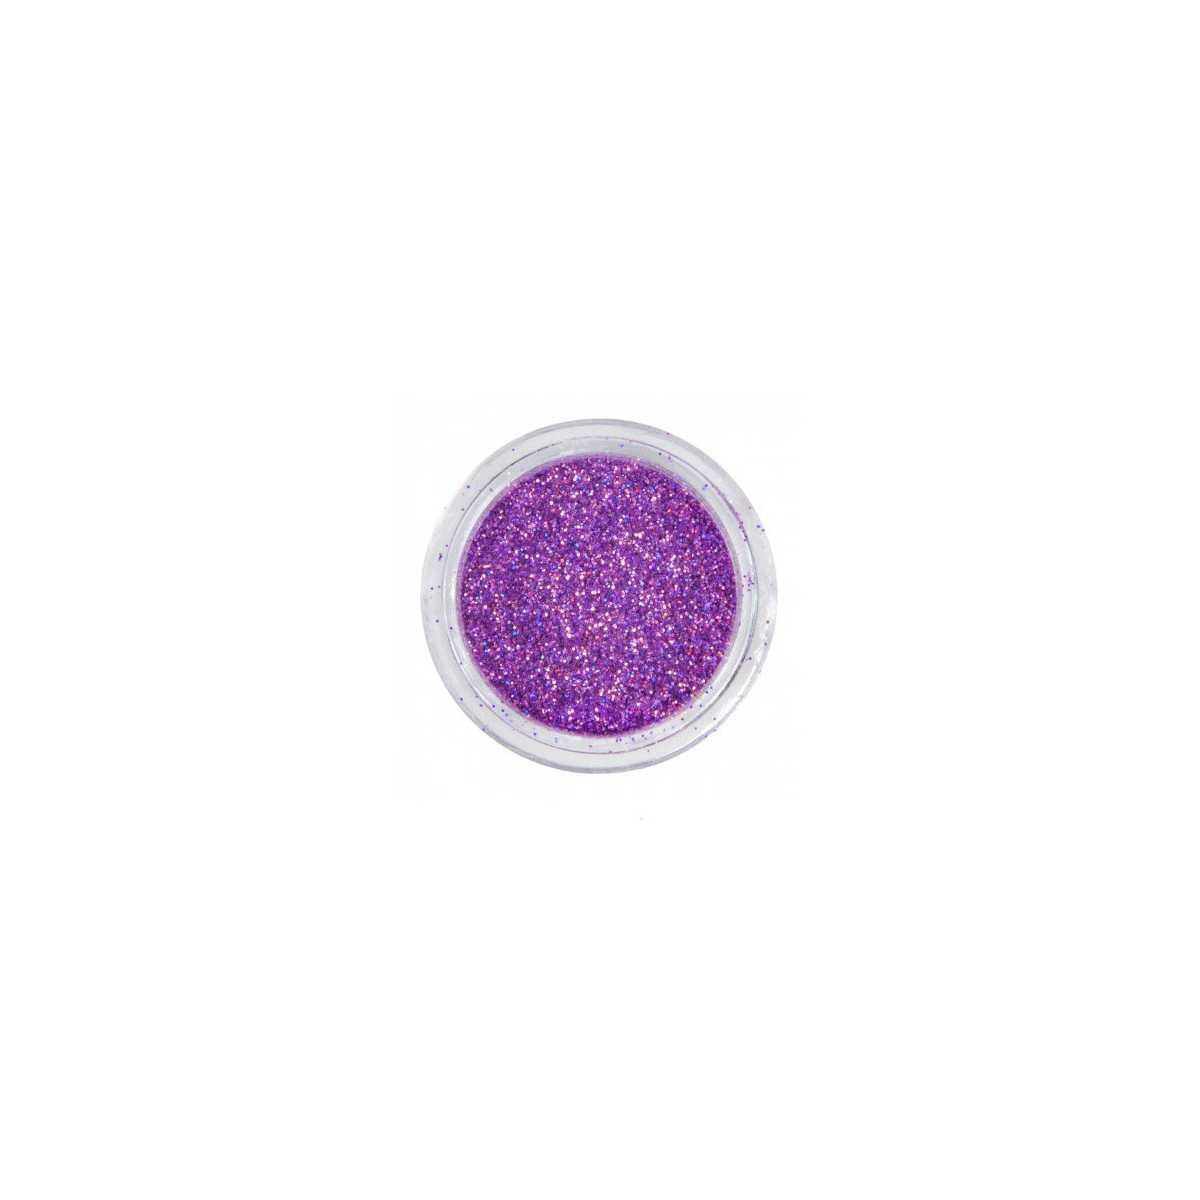 https://www.kit-manucure.com/1687-thickbox_default/paillettes-pour-ongles-paillettes-nail-art-violette.jpg